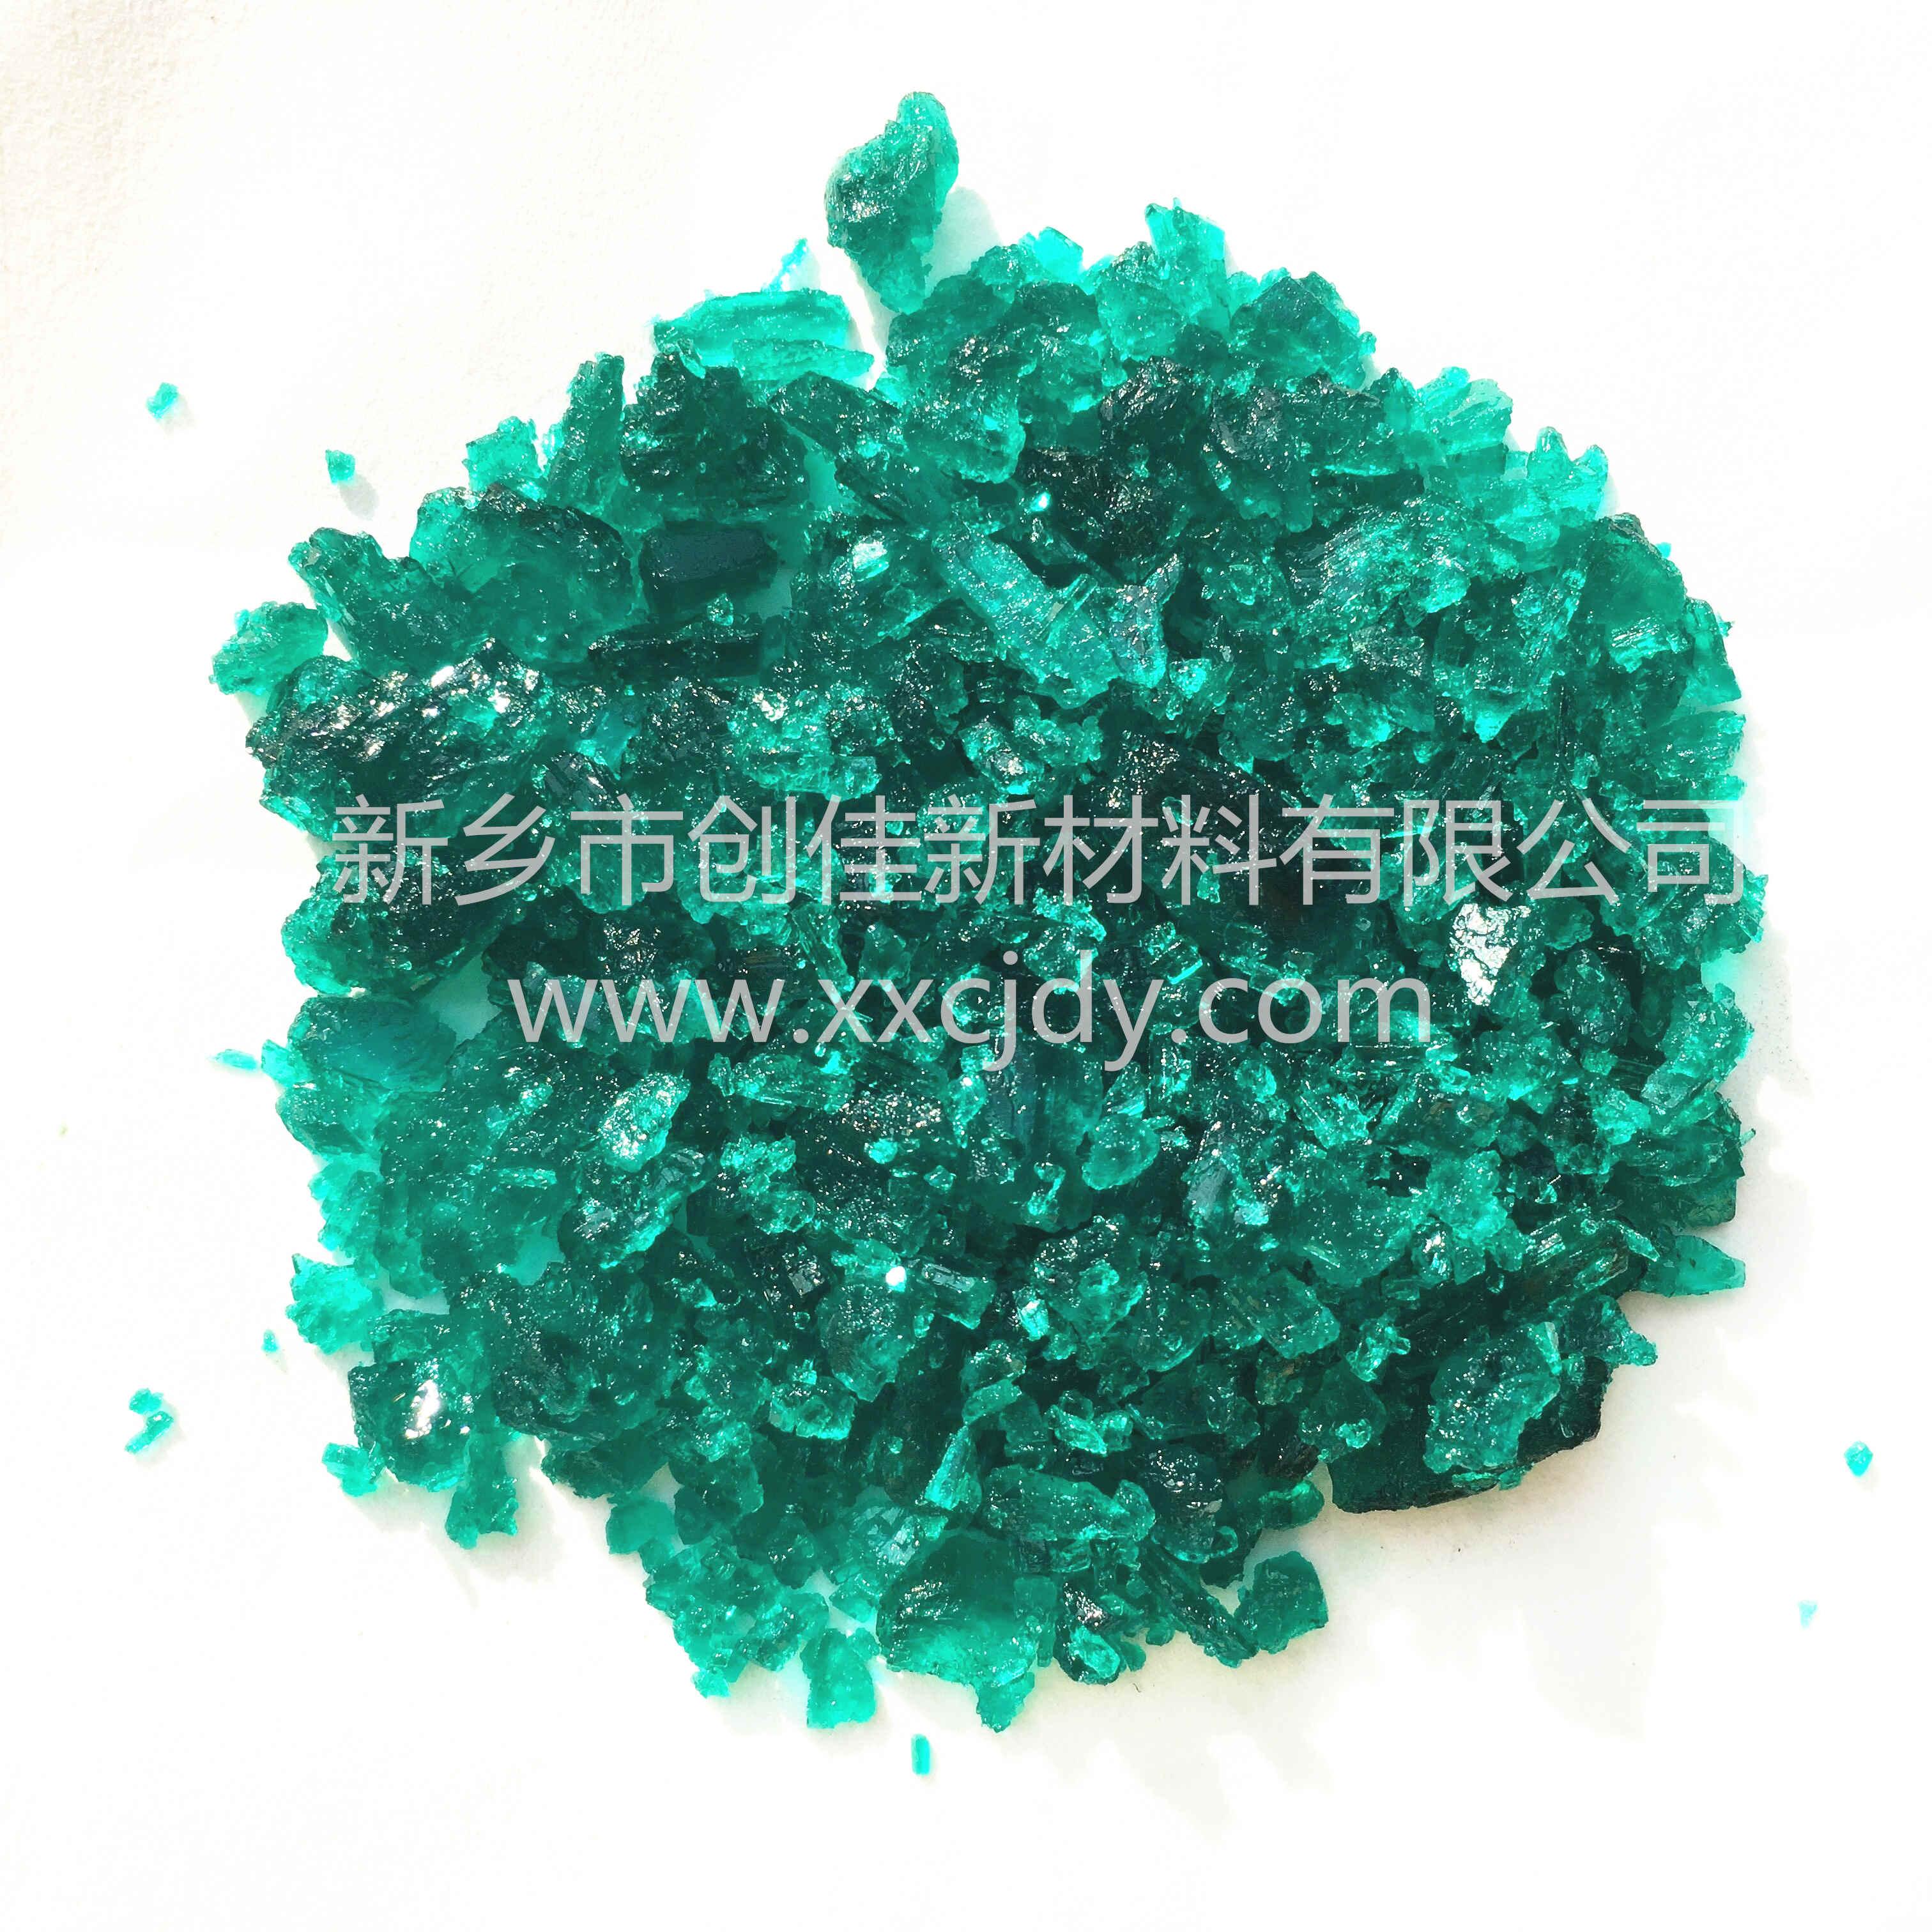 硝酸镍水印图片